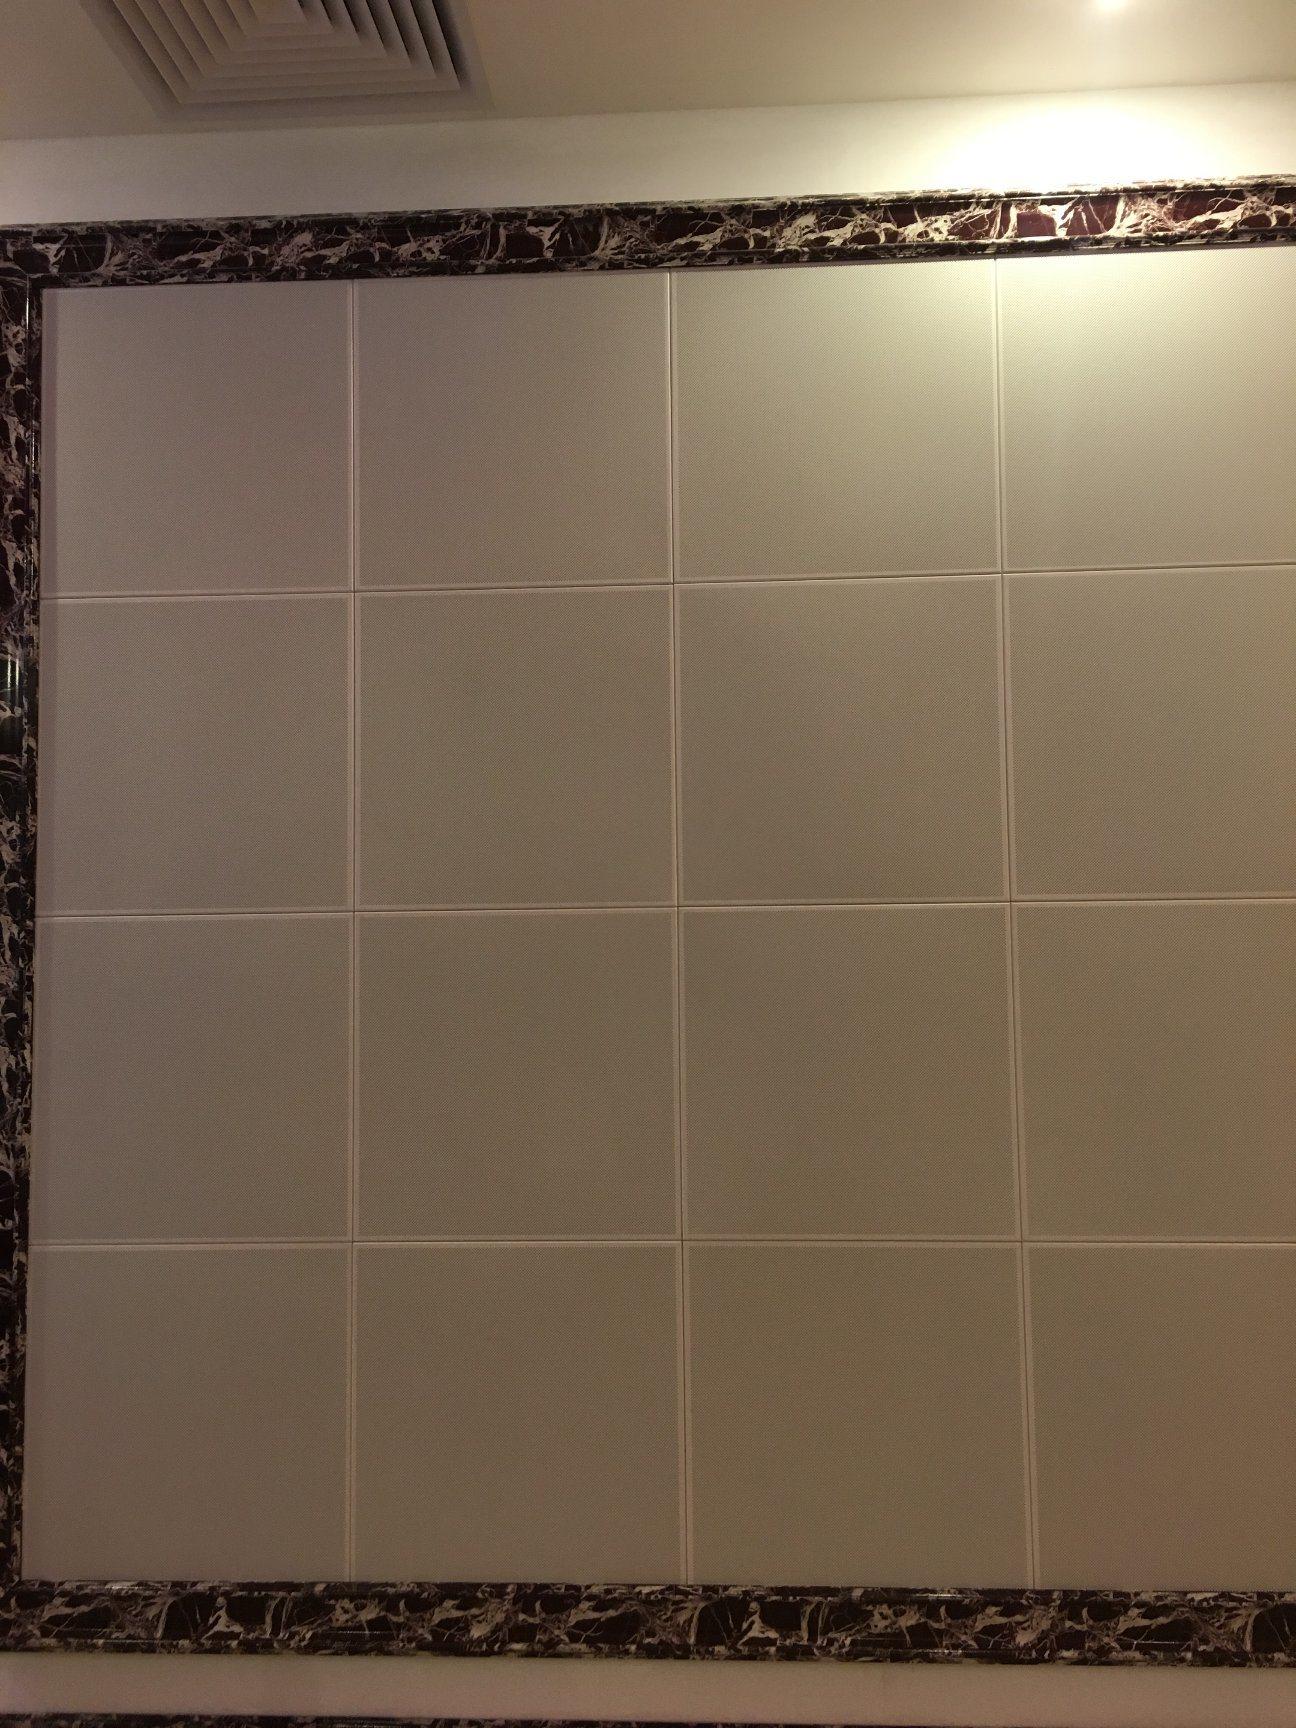 Metal Ceiling Aluminum Clip-in Ceiling Panel Suspended Ceiling